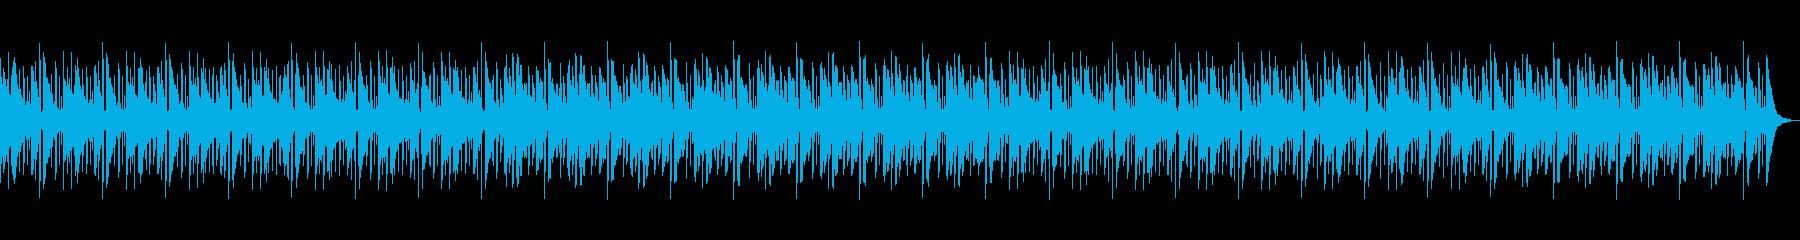 くつろぐ・優しい・チルアウトヒップホップの再生済みの波形